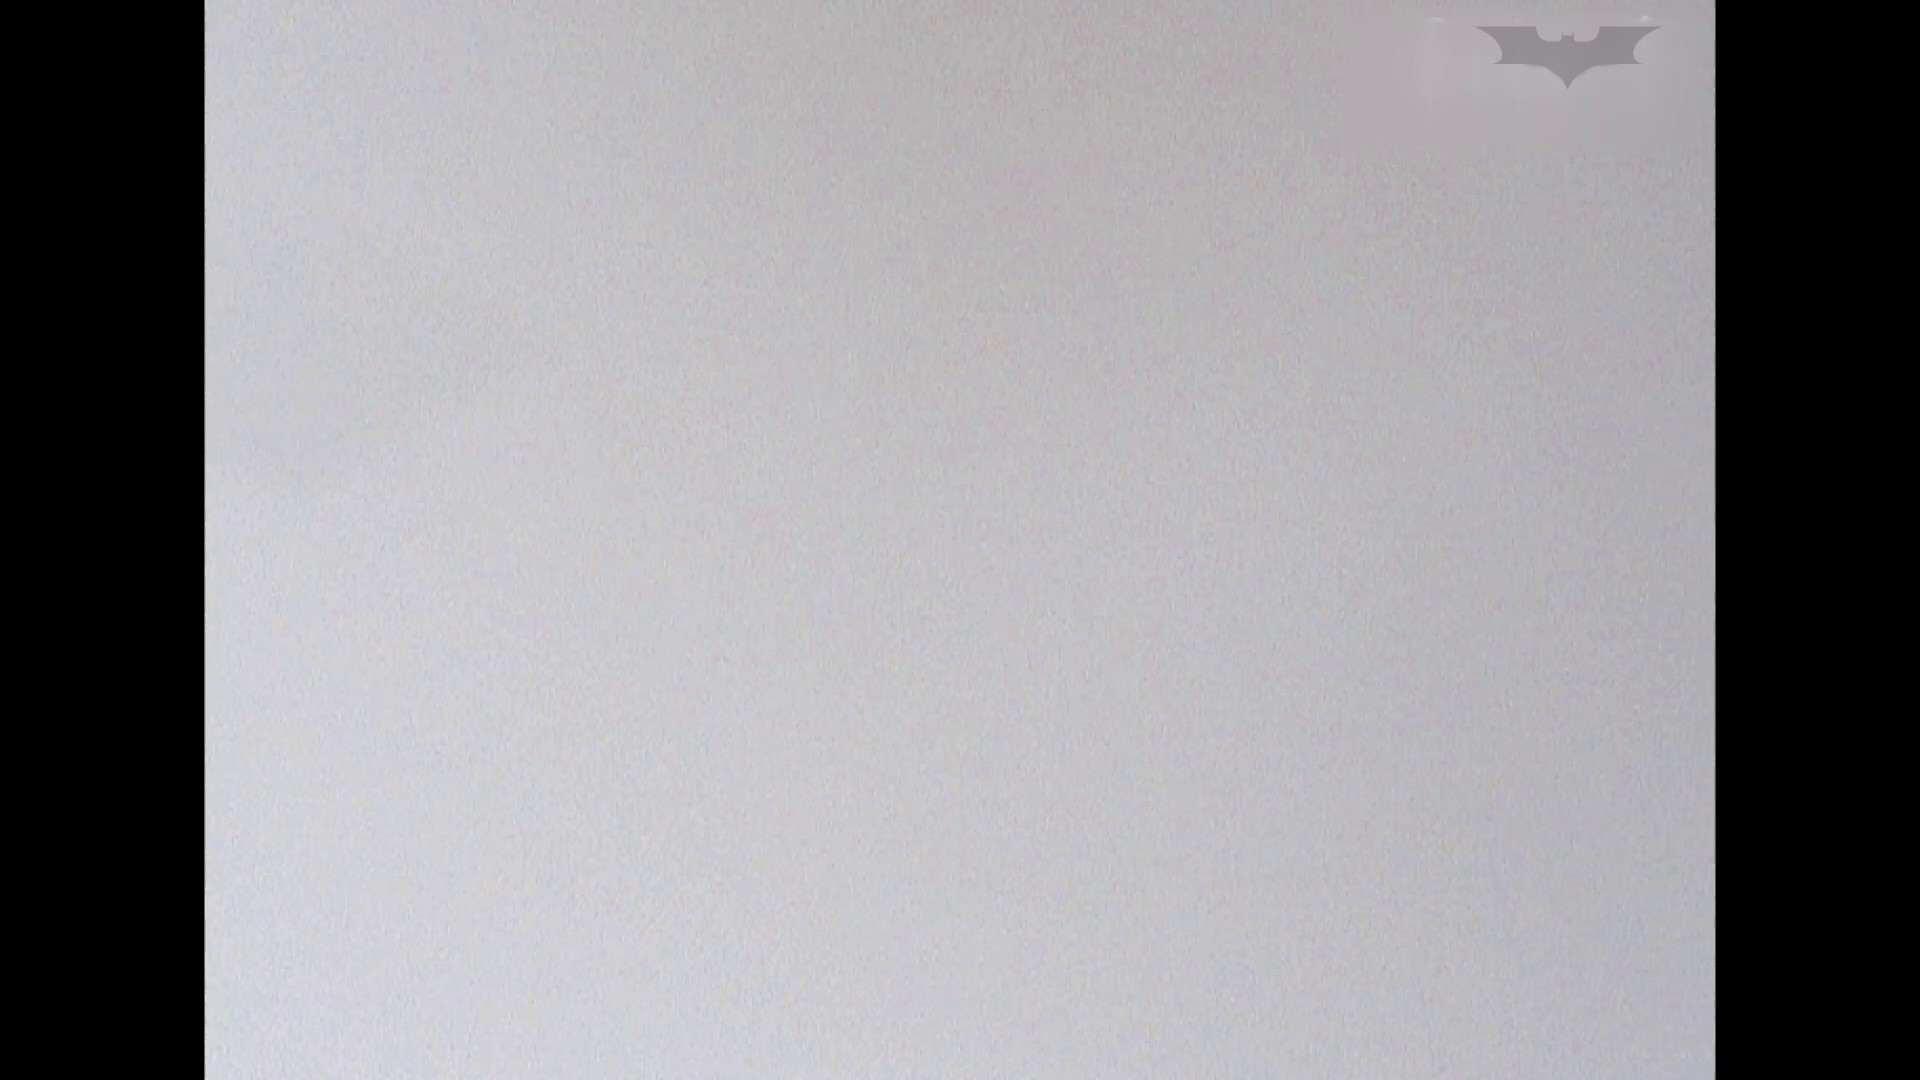 空爆和式フロント盛り合わせ! 期間限定神キタ!ツルピカの放nyo!Vol.21 細身・スレンダー セックス画像 108画像 105